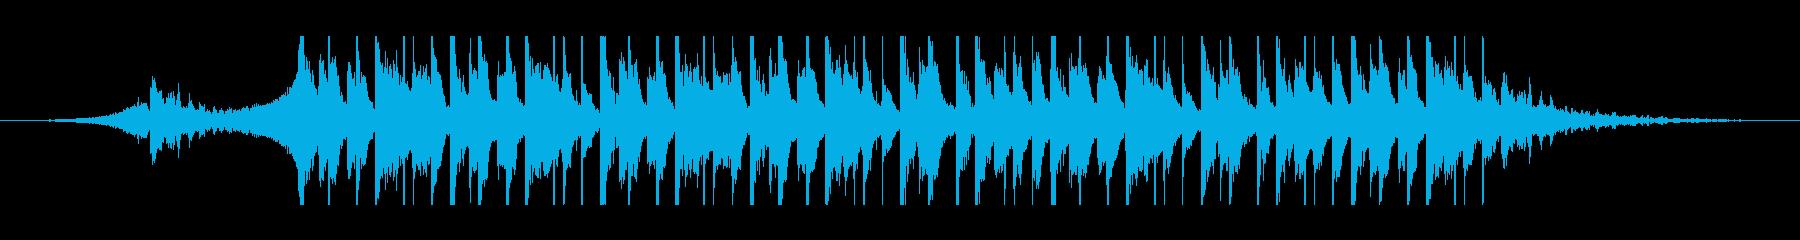 アラビア語(30秒)の再生済みの波形